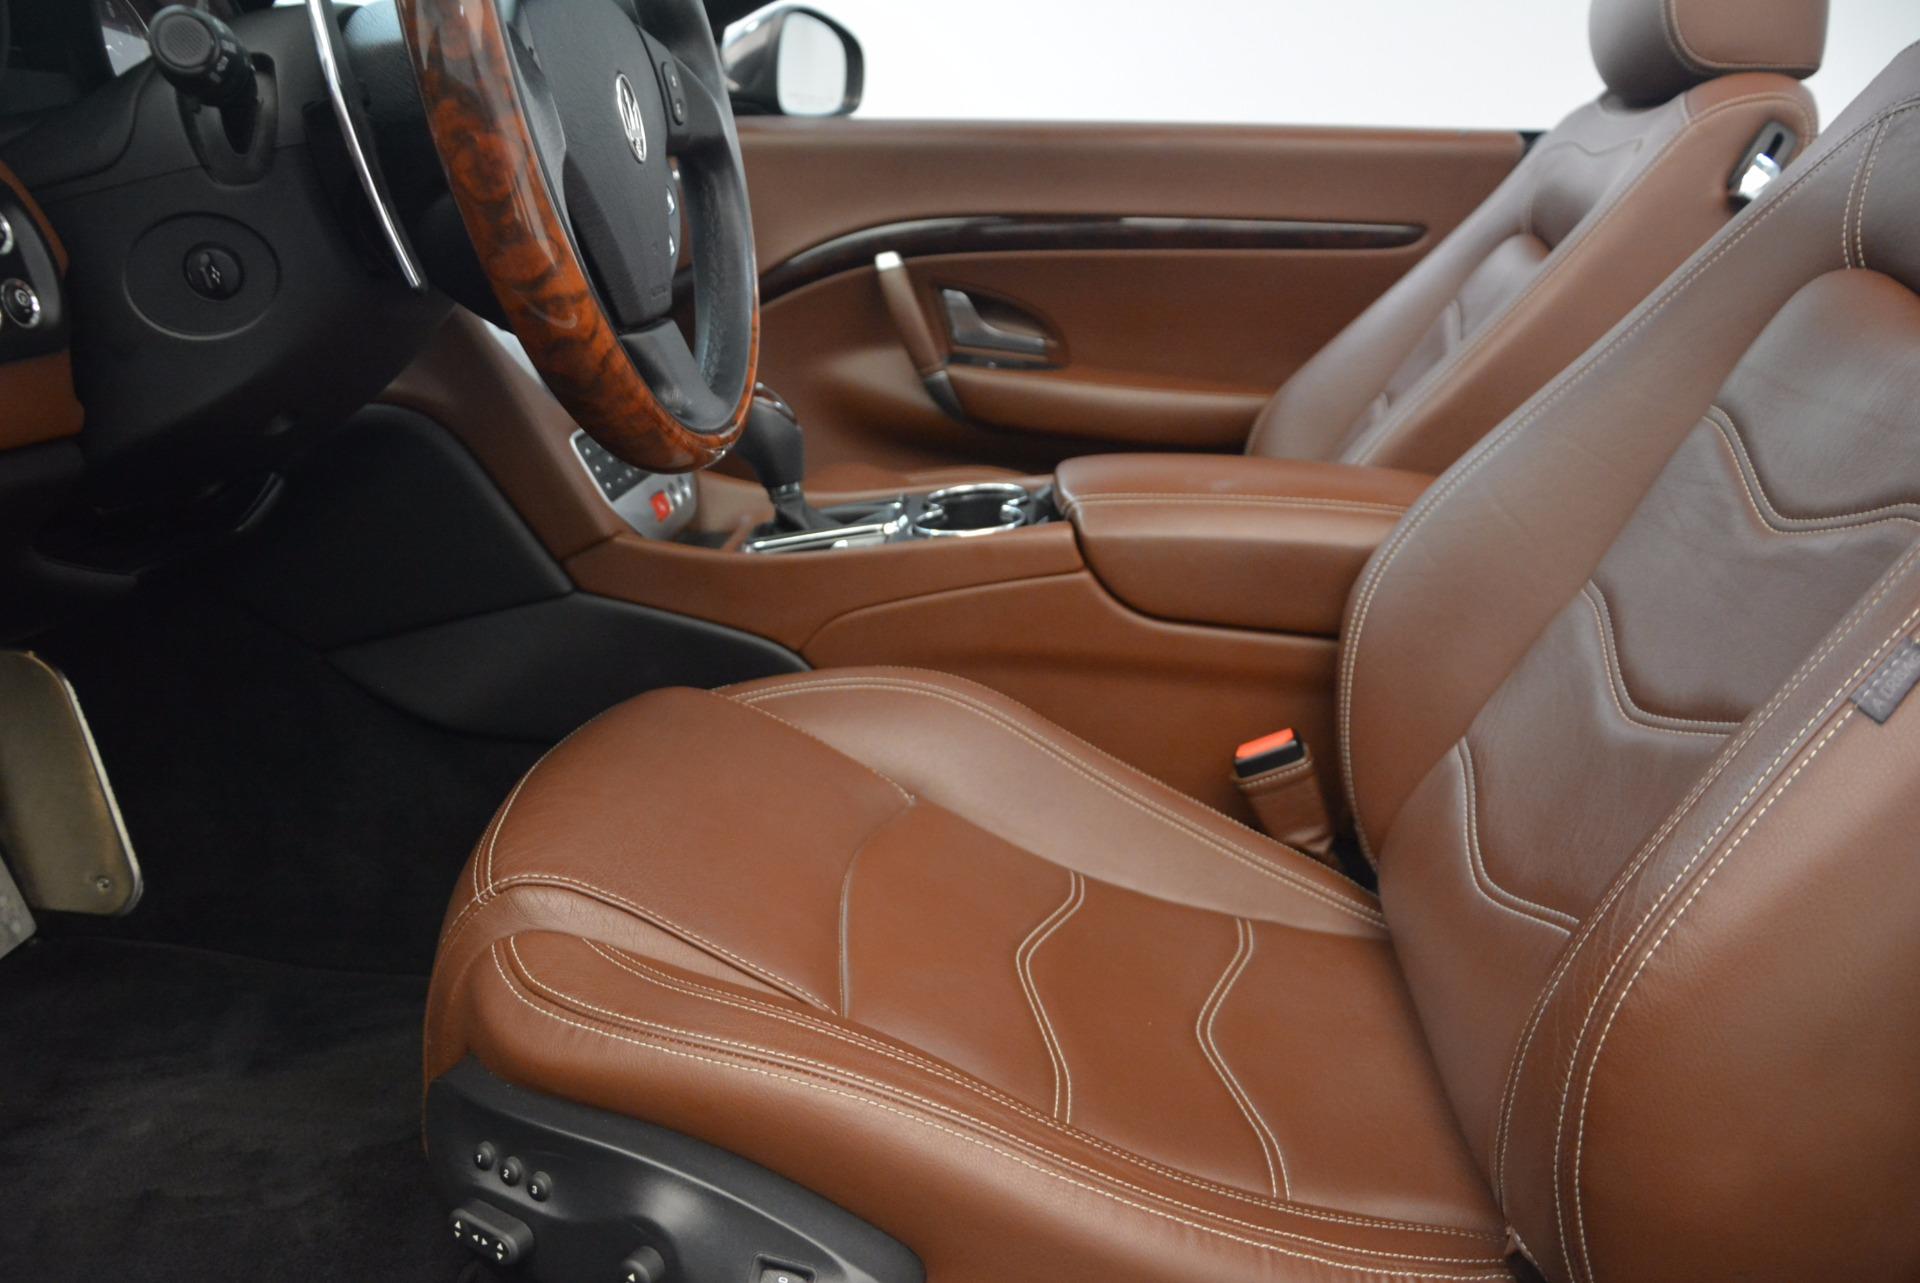 Used 2012 Maserati GranTurismo Sport For Sale In Greenwich, CT 1097_p22